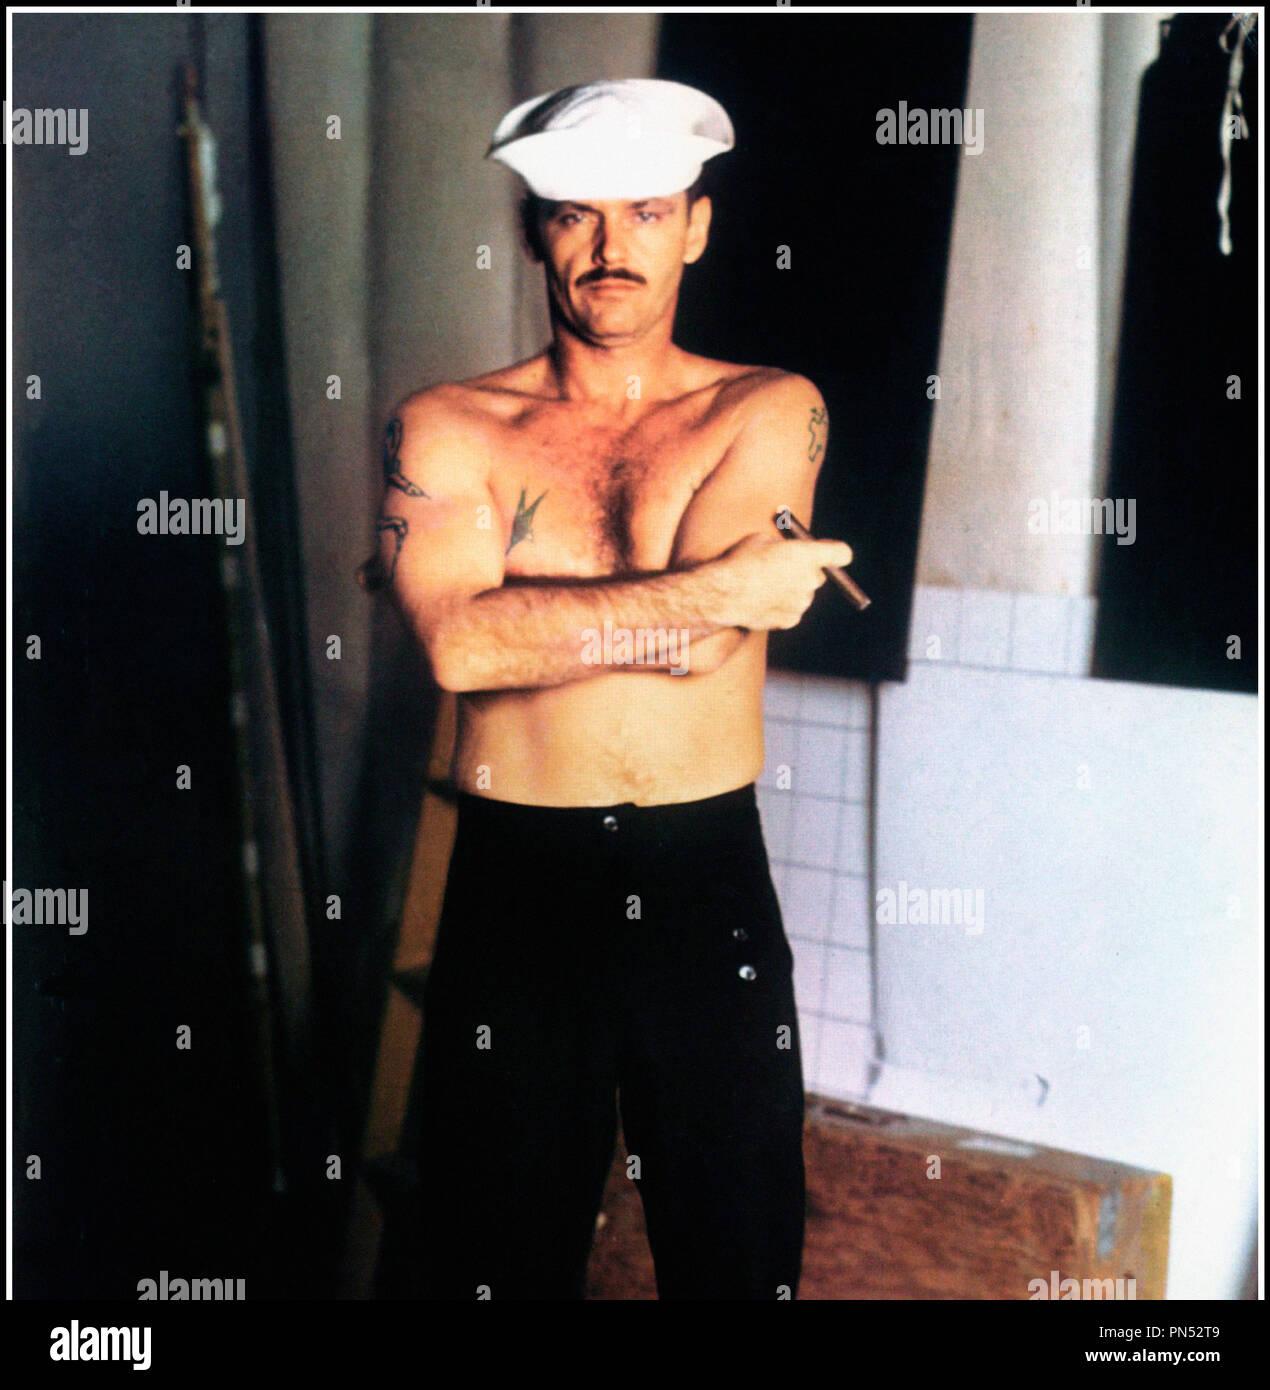 Prod DB © Columbia Pictures / DR LA DERNIERE CORVEE (THE LAST DETAIL) de Hal Ashby 1973 USA avec Jack Nicholson marin, torse nu d'apres le roman de Darryl Ponicsan - Stock Image